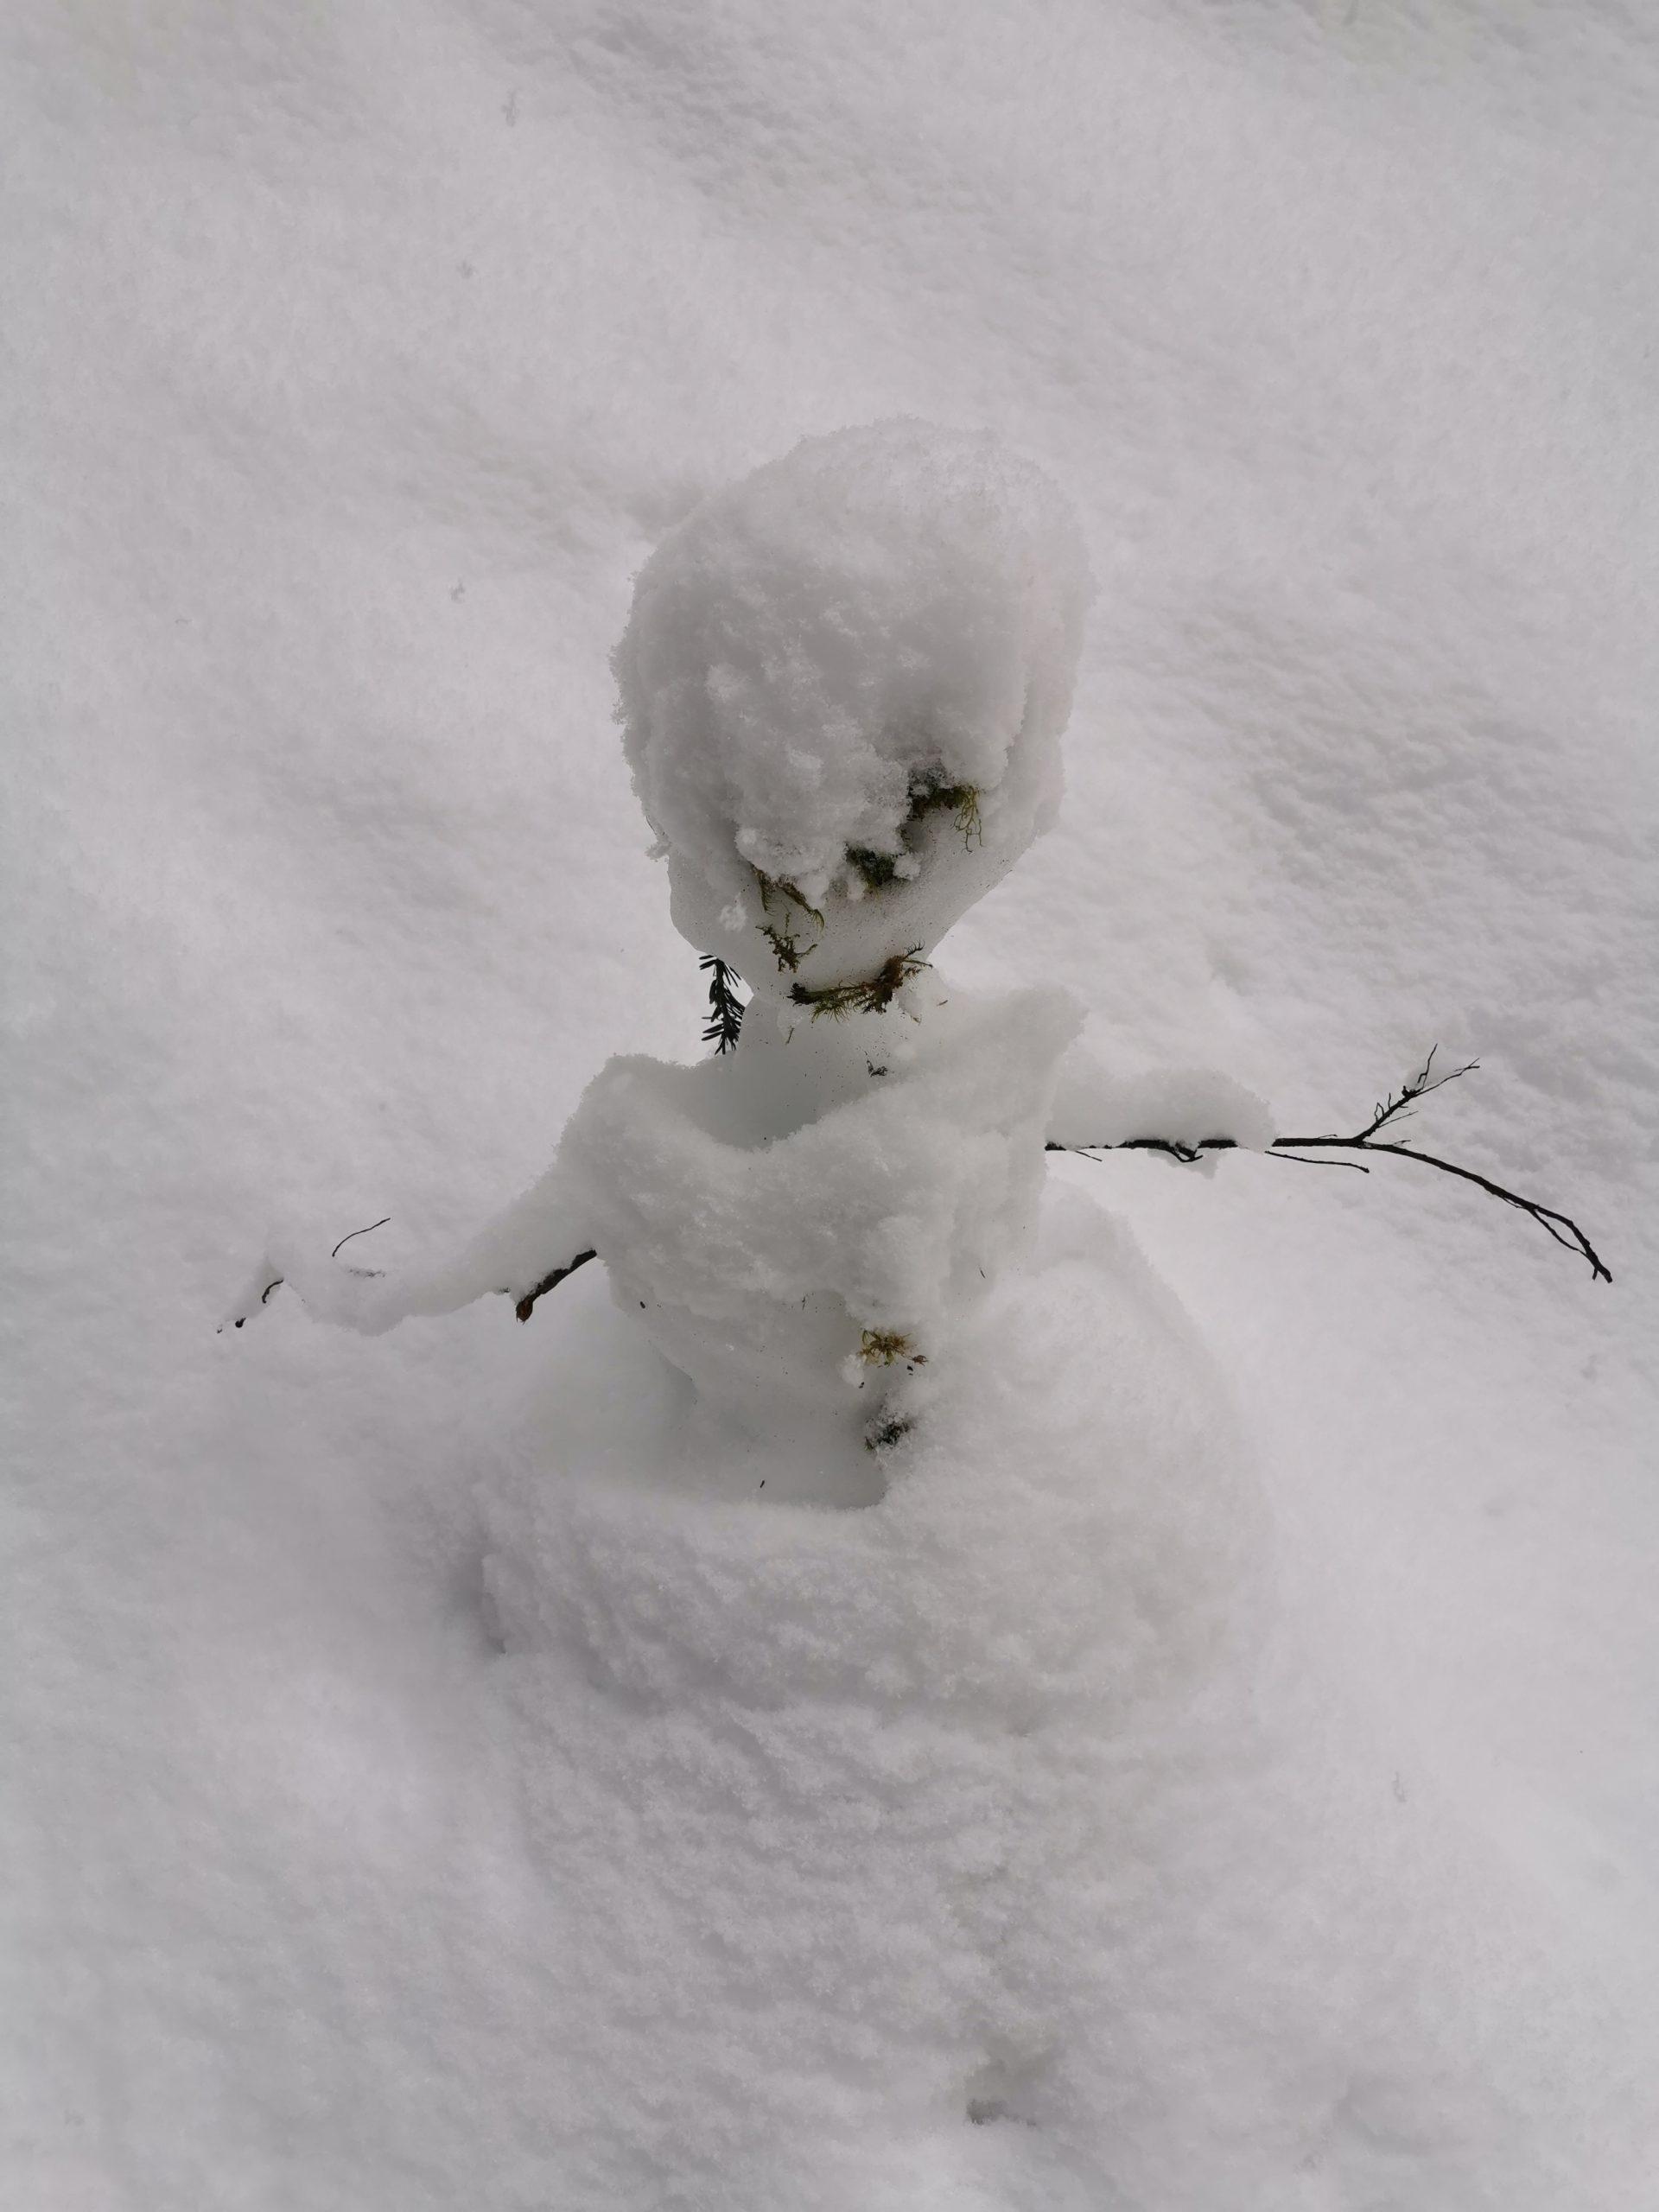 Ein kleiner Schneemann.